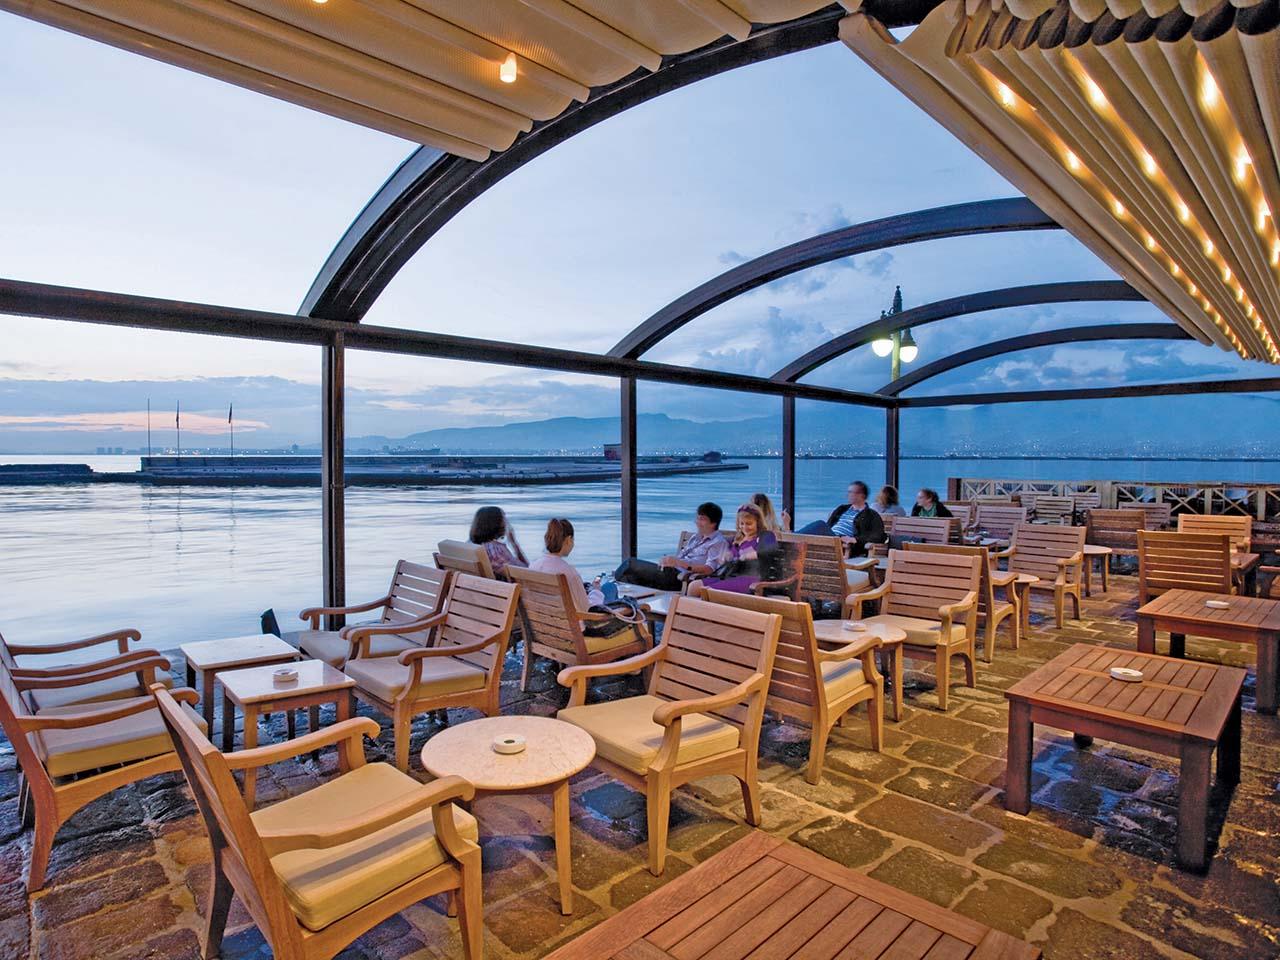 palmiye terrassenueberdachung gastronomie biergaerten freiflaechen 02 - Terrassenüberdachung für Biergärten & Freiflächen